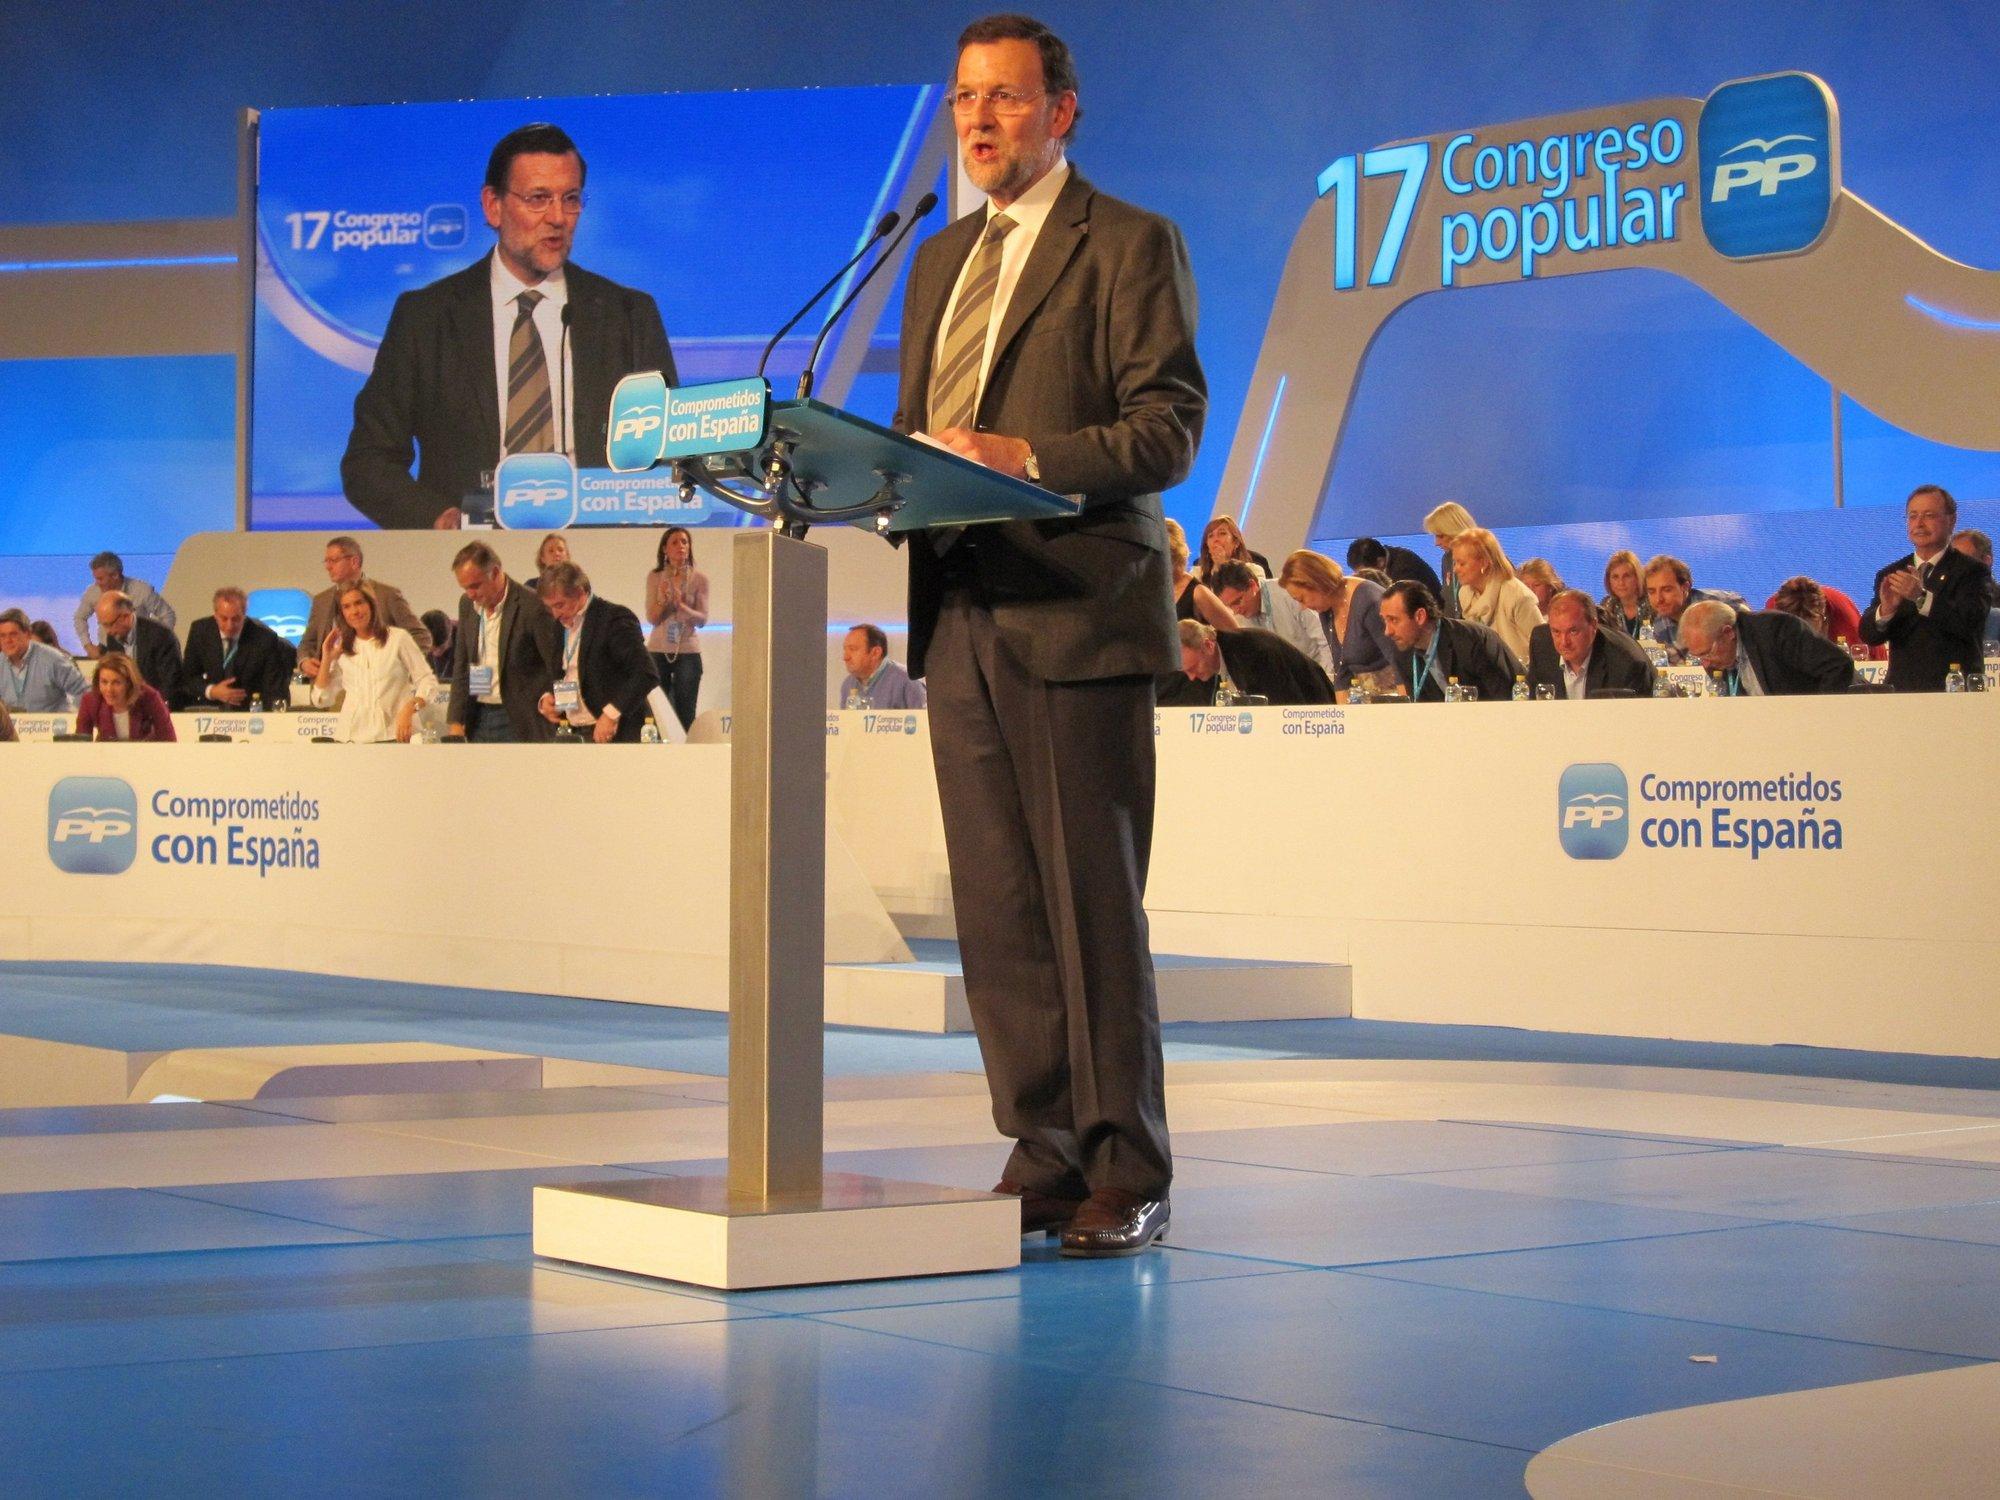 Rajoy elige a Arenas, Floriano y Pons como vicesecretarios del PP